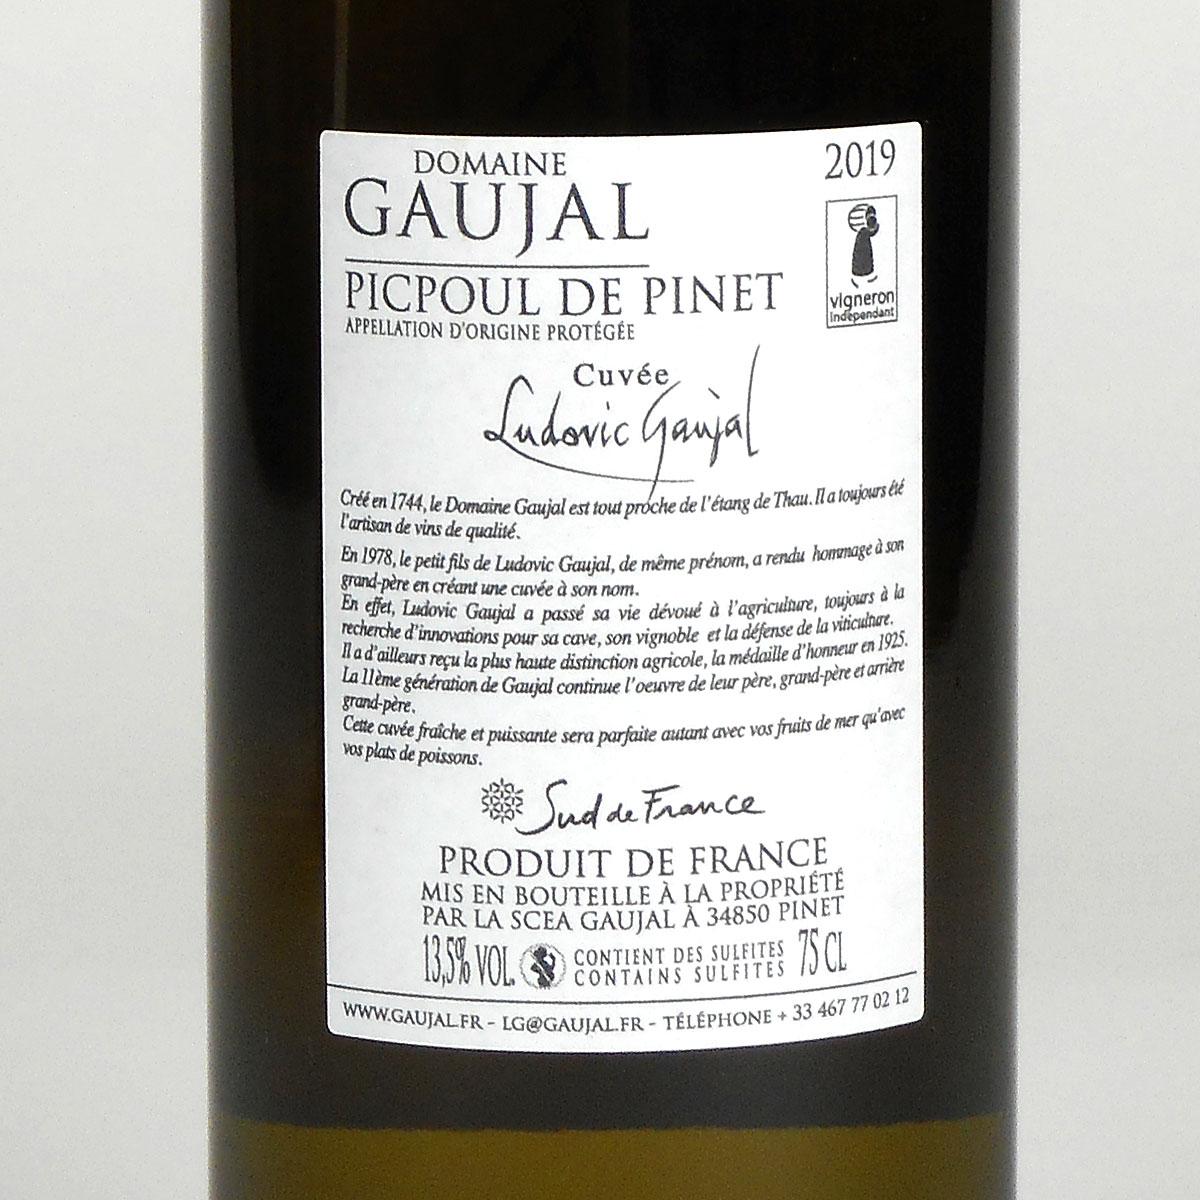 Picpoul de Pinet: Domaine Gaujal 2019 - Wine Bottle Rear Label